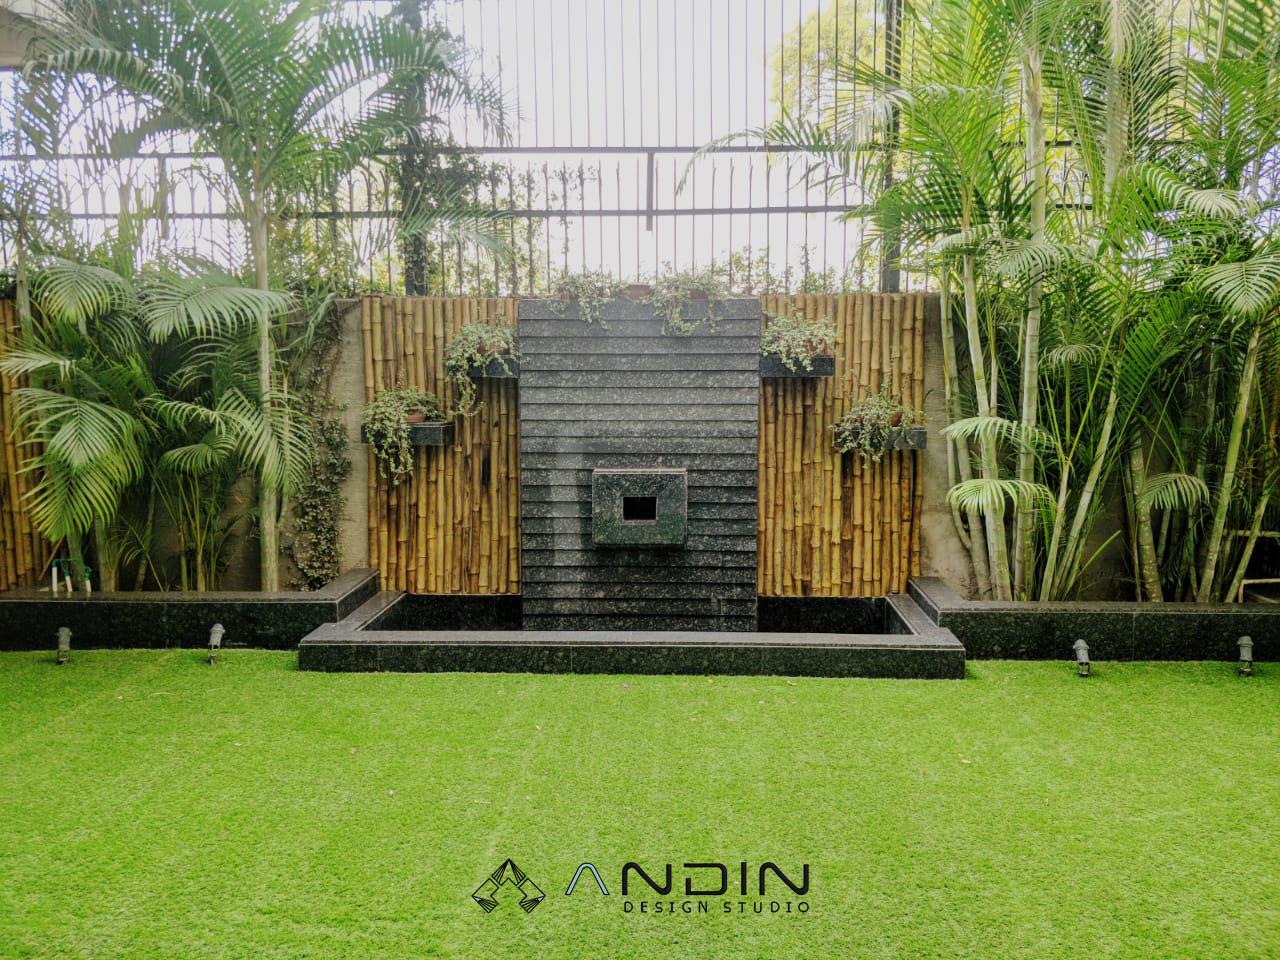 BACKYARD GARDEN FOR SINGER NIDHI NARANG [AMBALA]